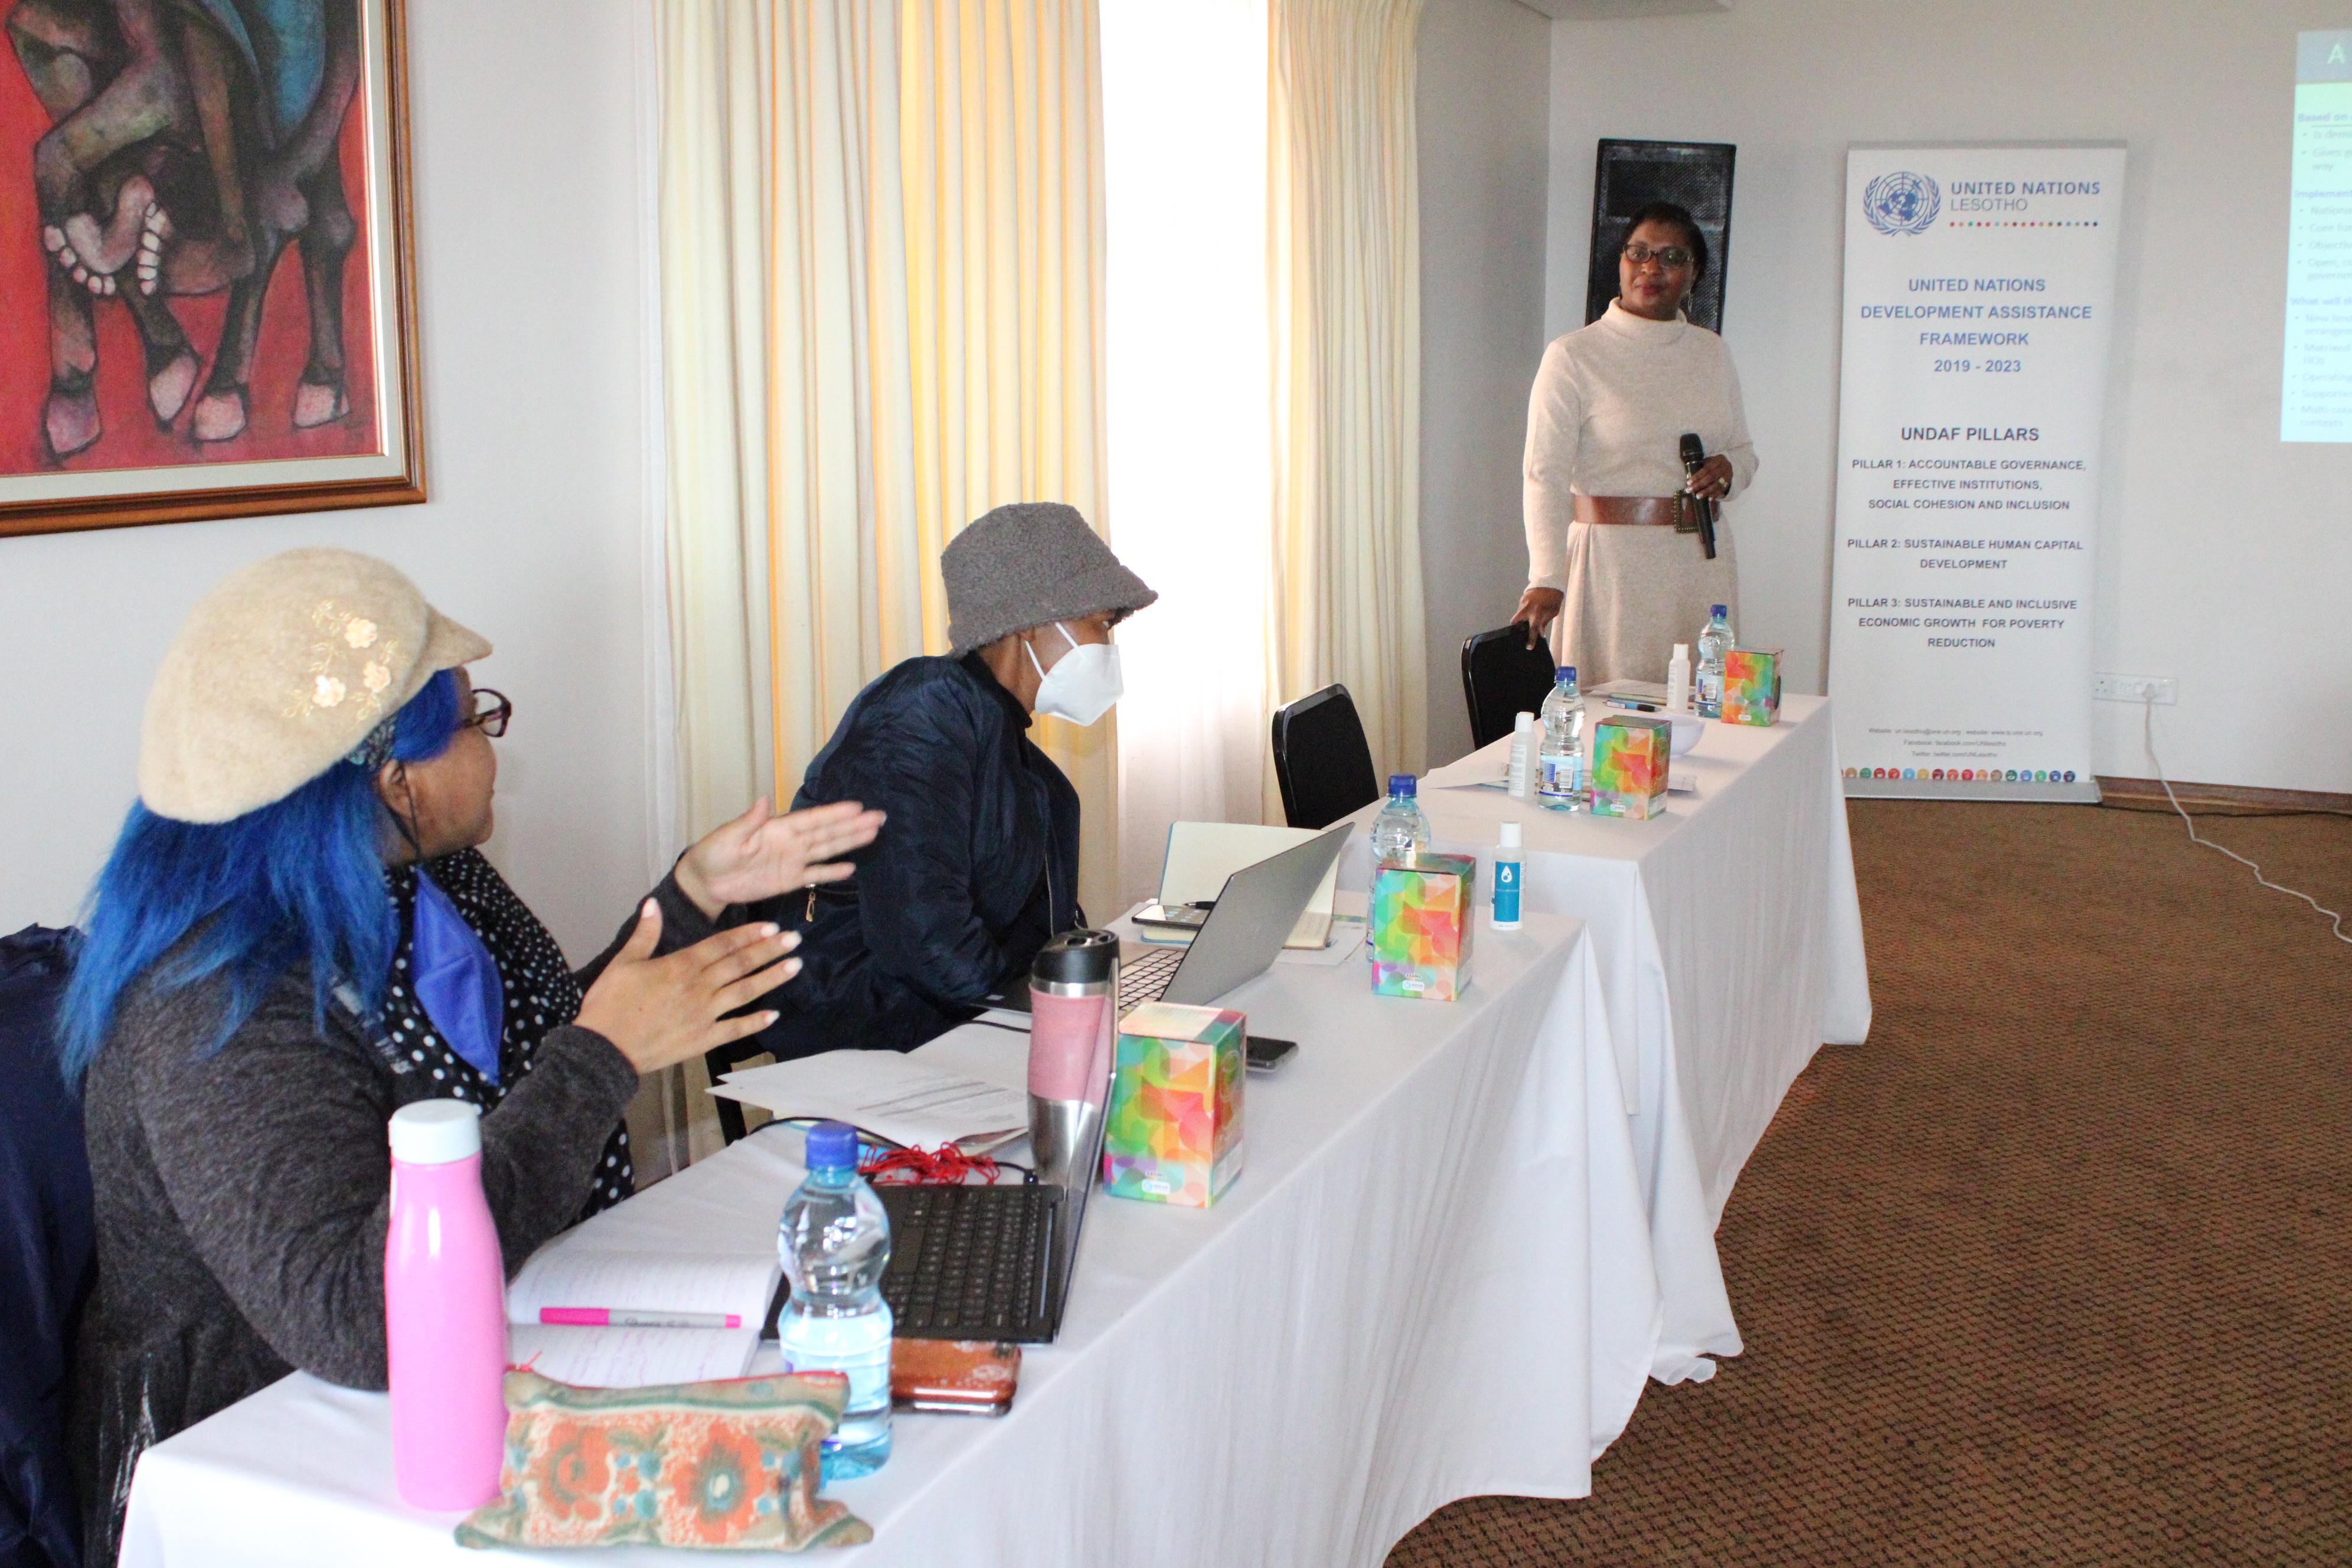 UN Communications Group Retreat